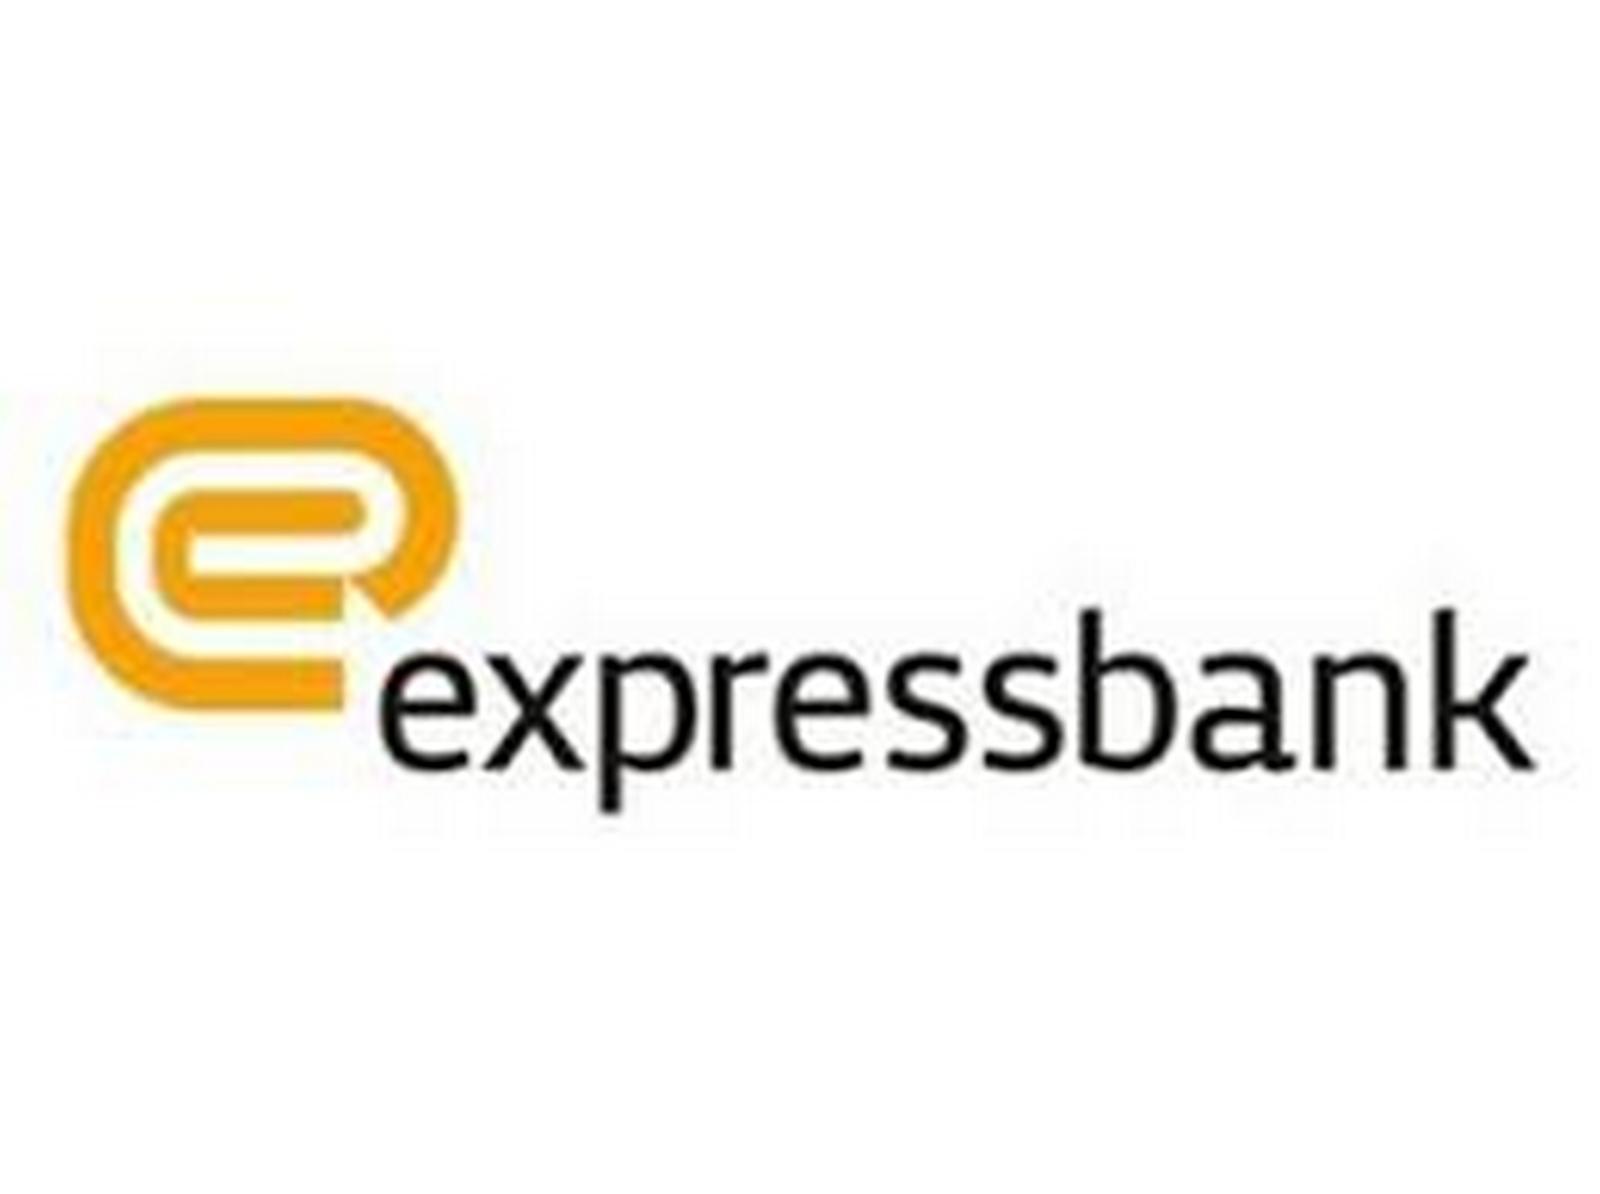 Expressbank bank kartları sahiblərinə 3D Secure üzrə yenilik təqdim edir